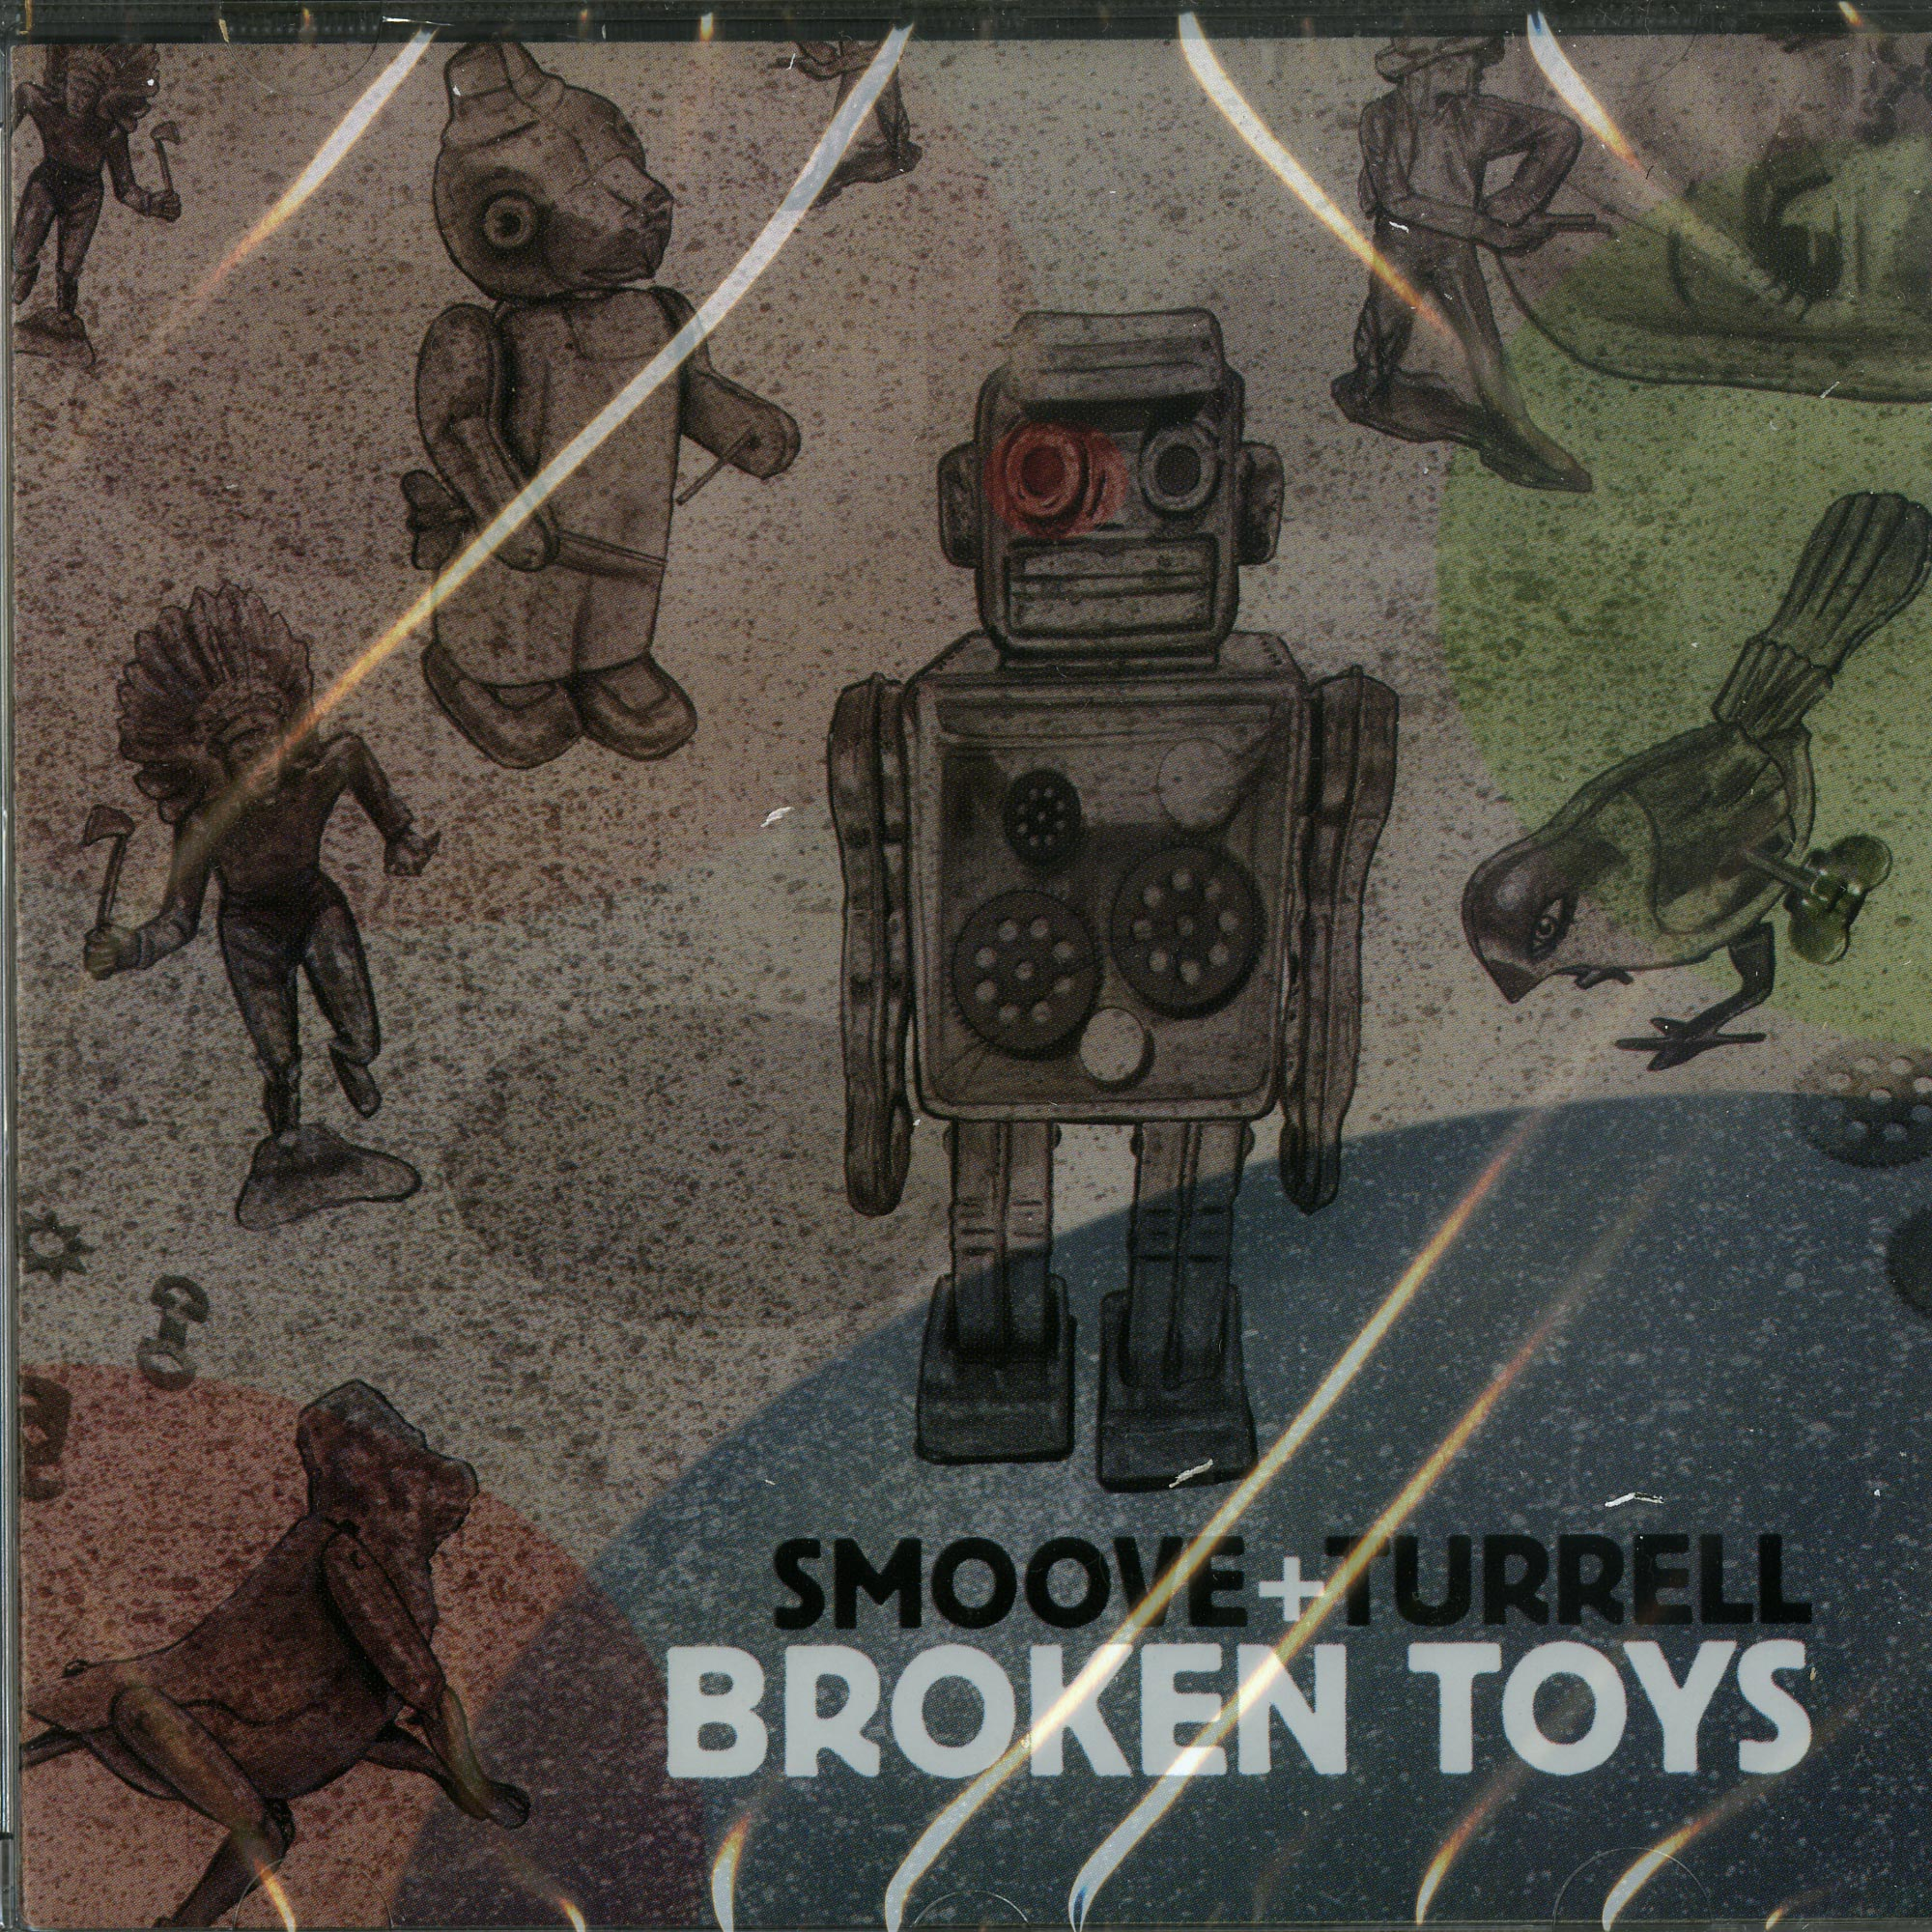 Smoove & Turrell - BROKEN TOYS